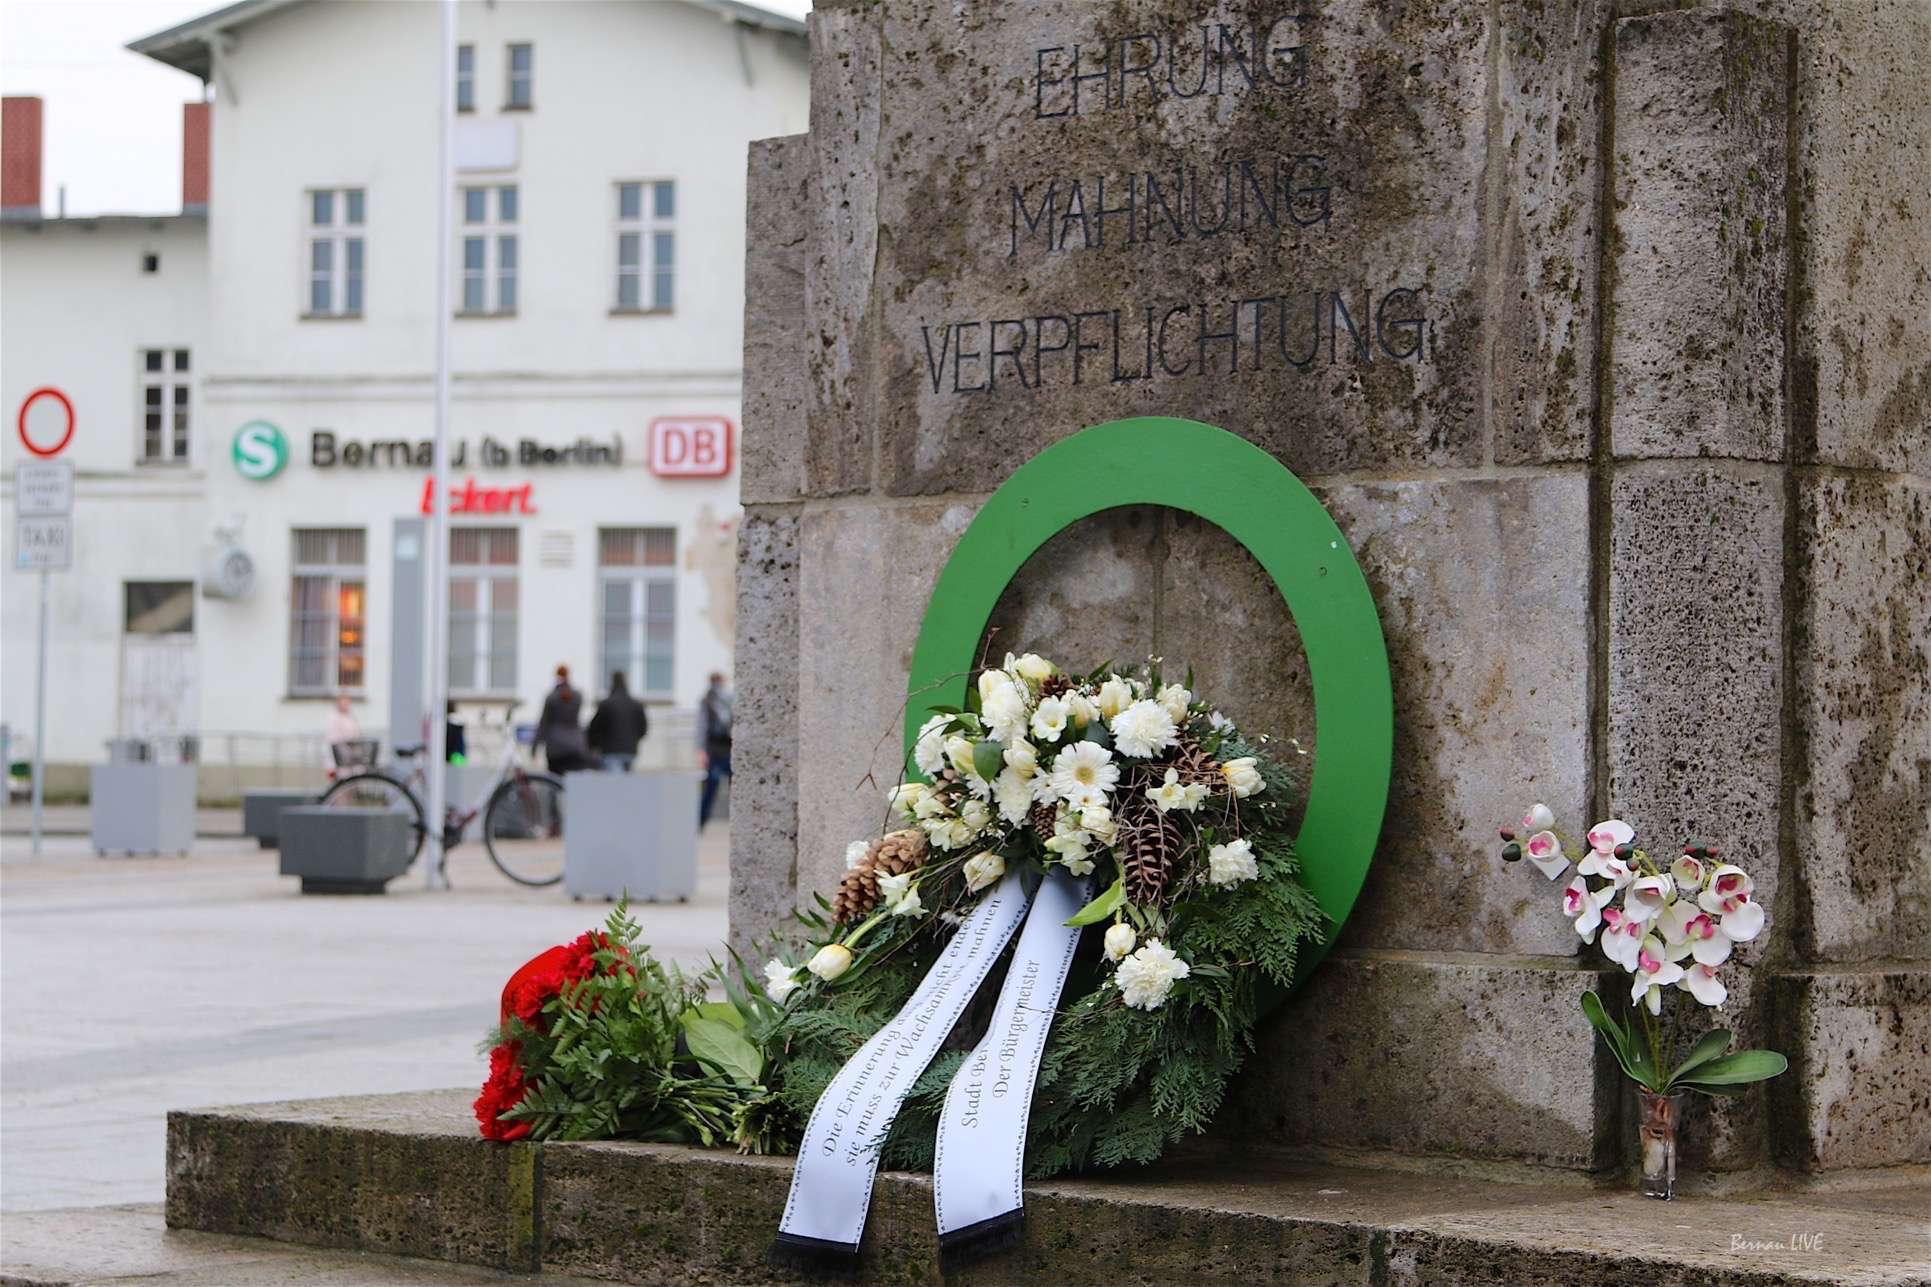 Kranzniederlegung in Bernau: GEGEN DAS VERGESSEN